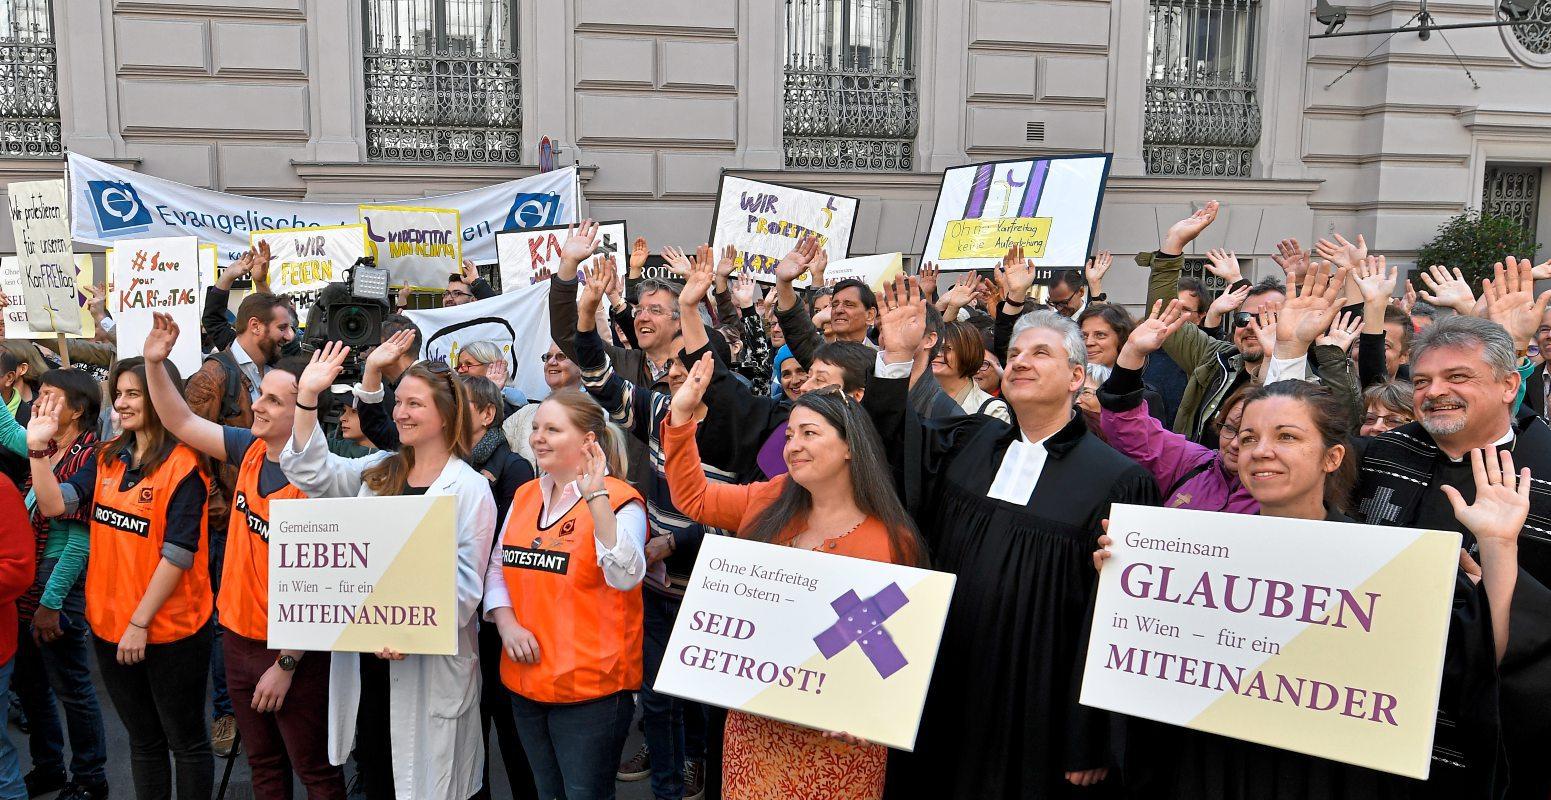 Protestanten Protestieren Gegen Feiertags Streichung In Wien